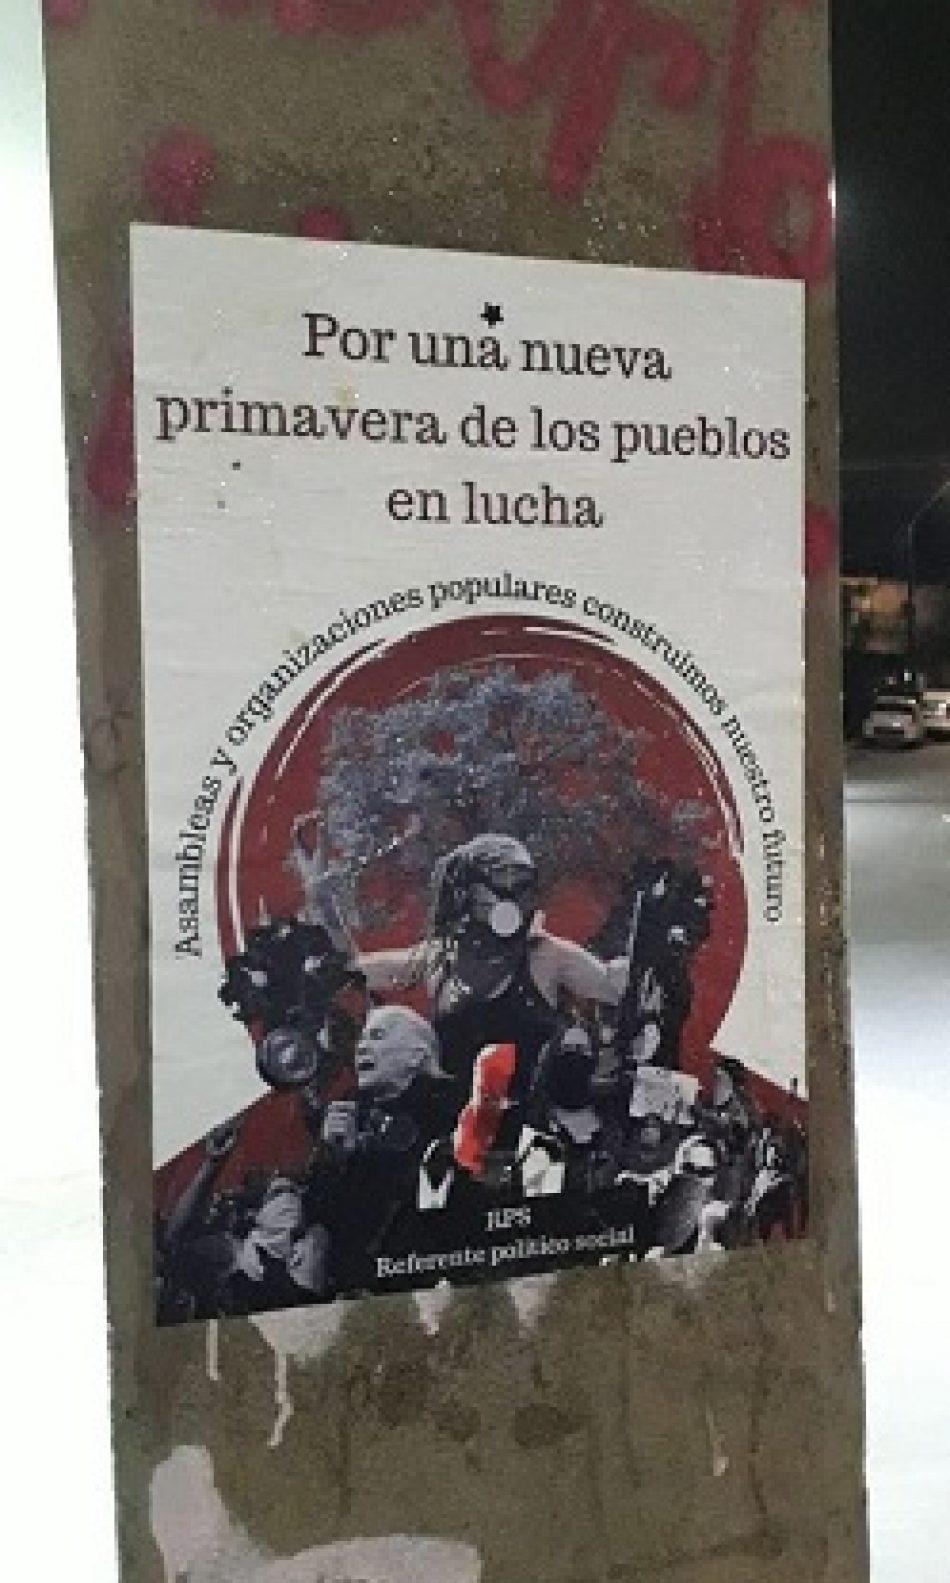 Chile. Referente Político Social: Una respuesta popular desde abajo y por fuera frente a la crisis multidimensional de la opresión